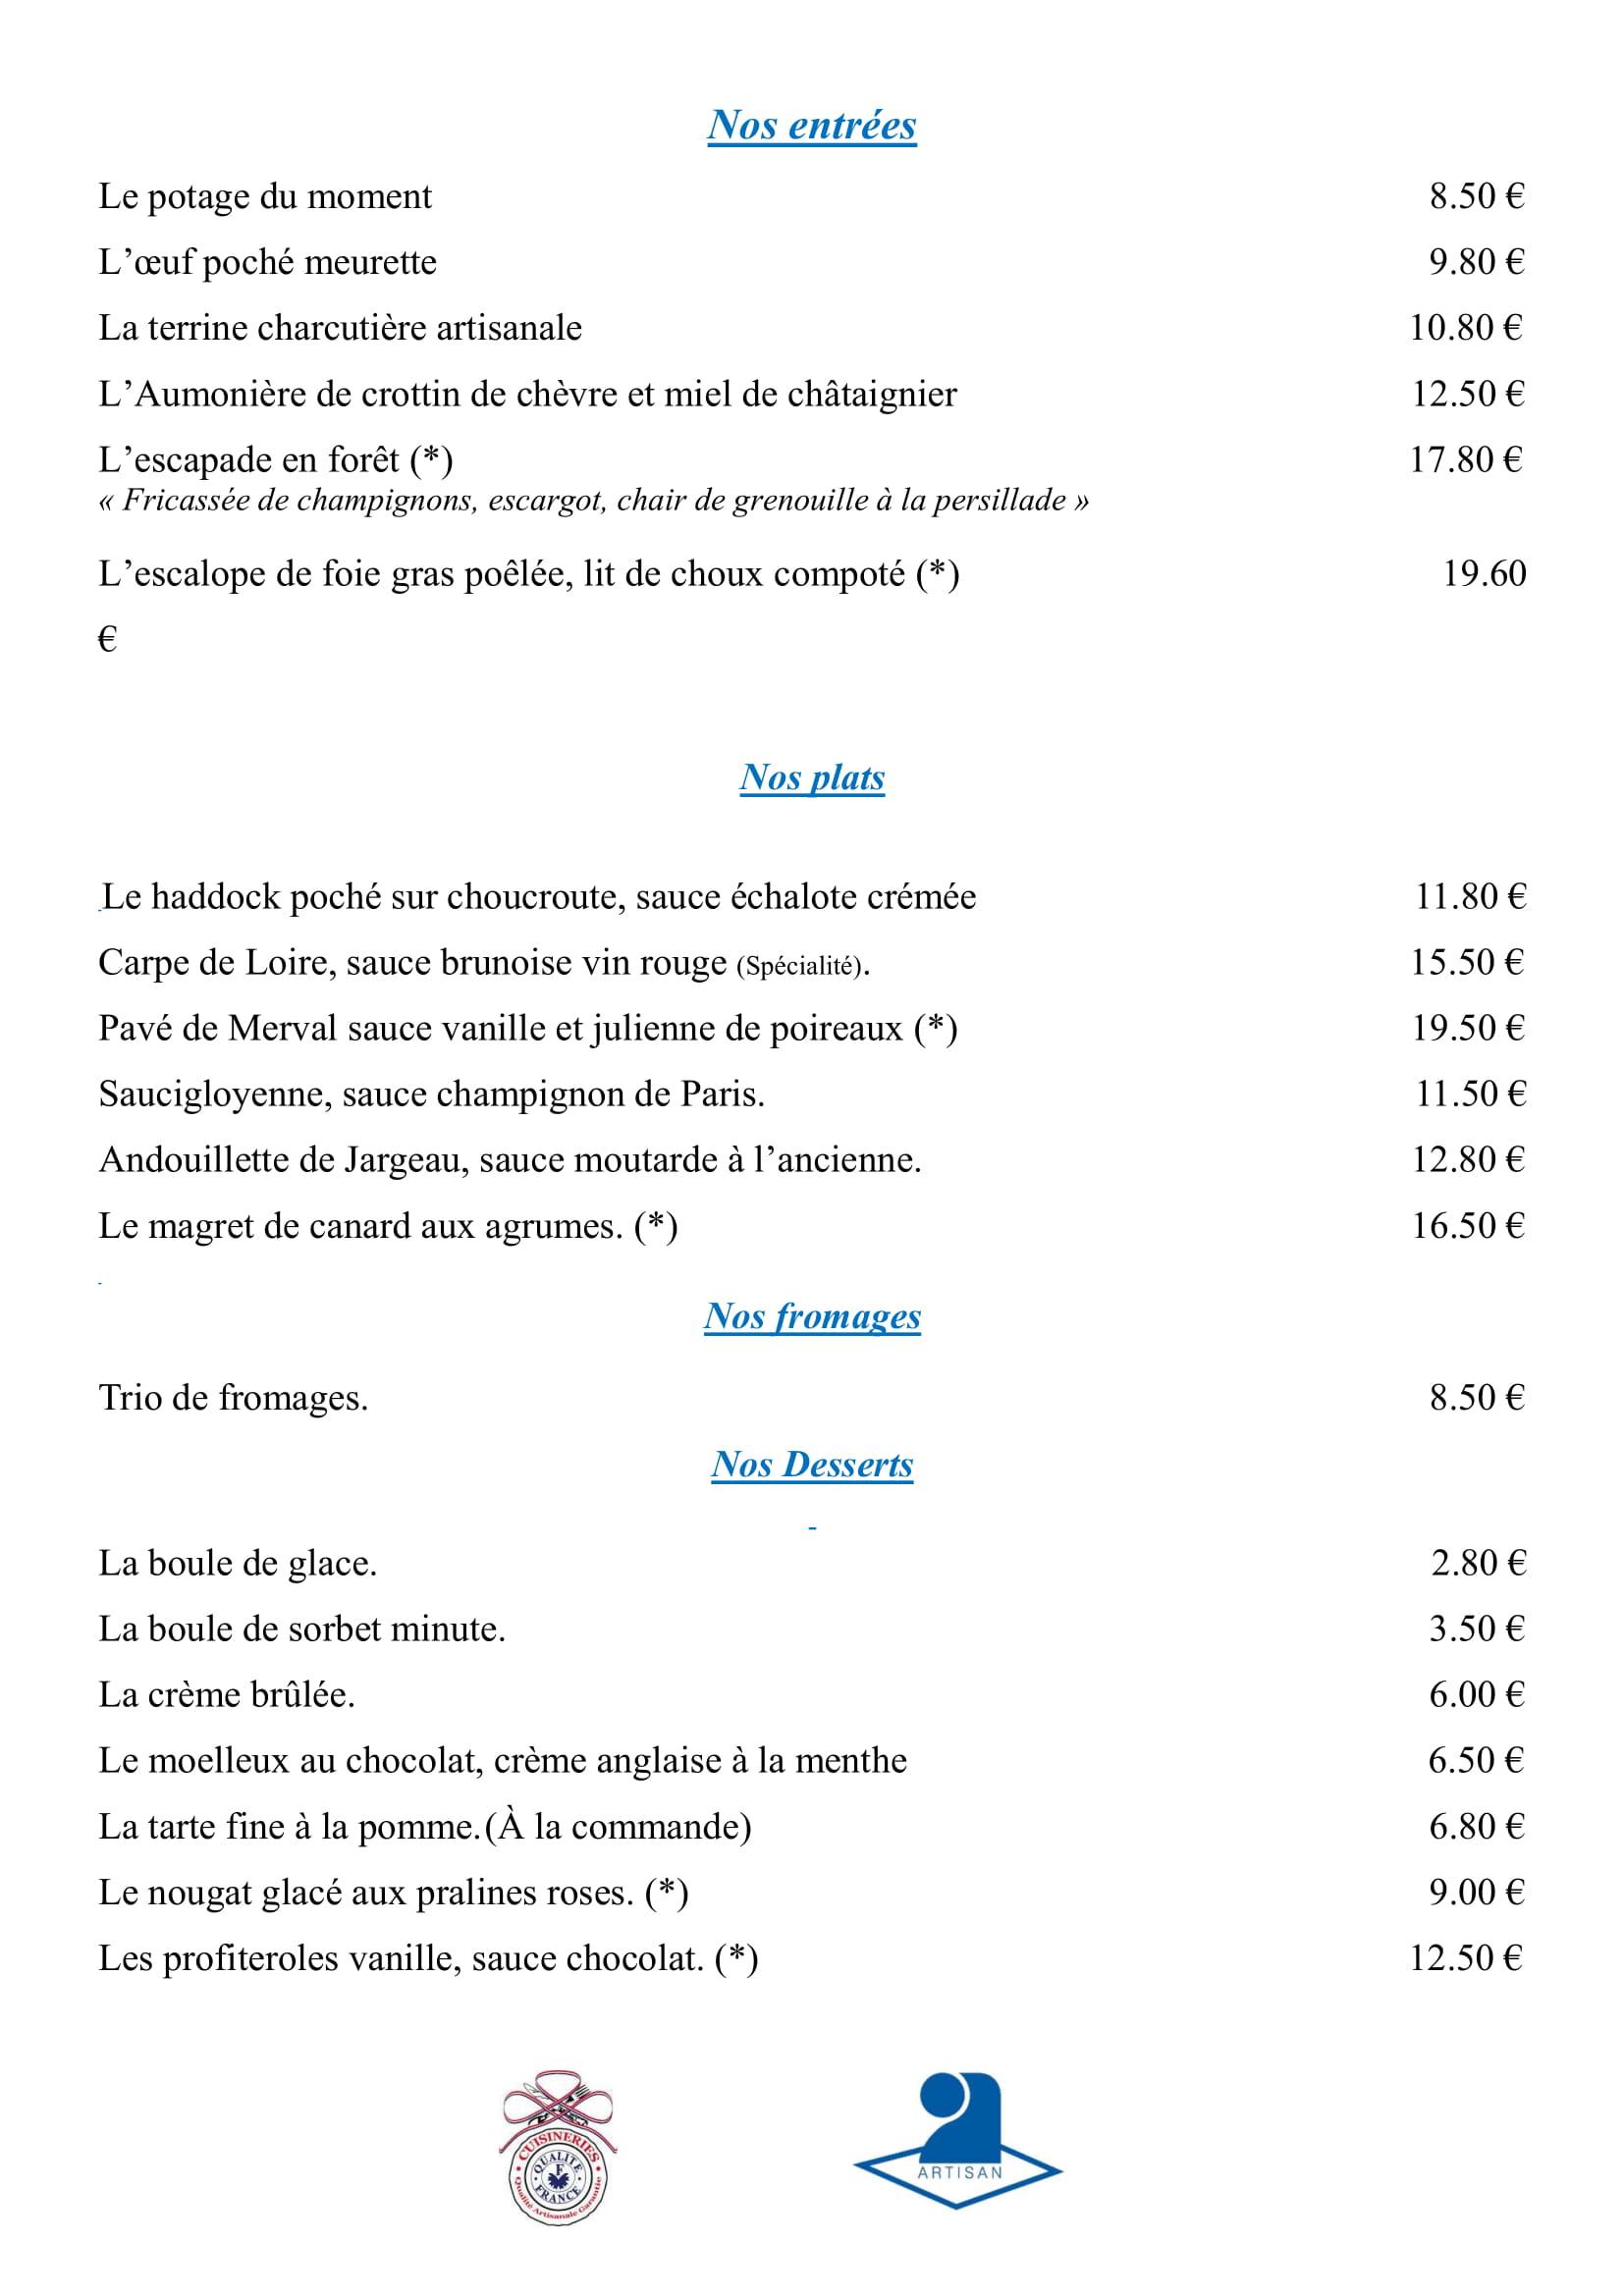 menu 10-2018-3.jpg